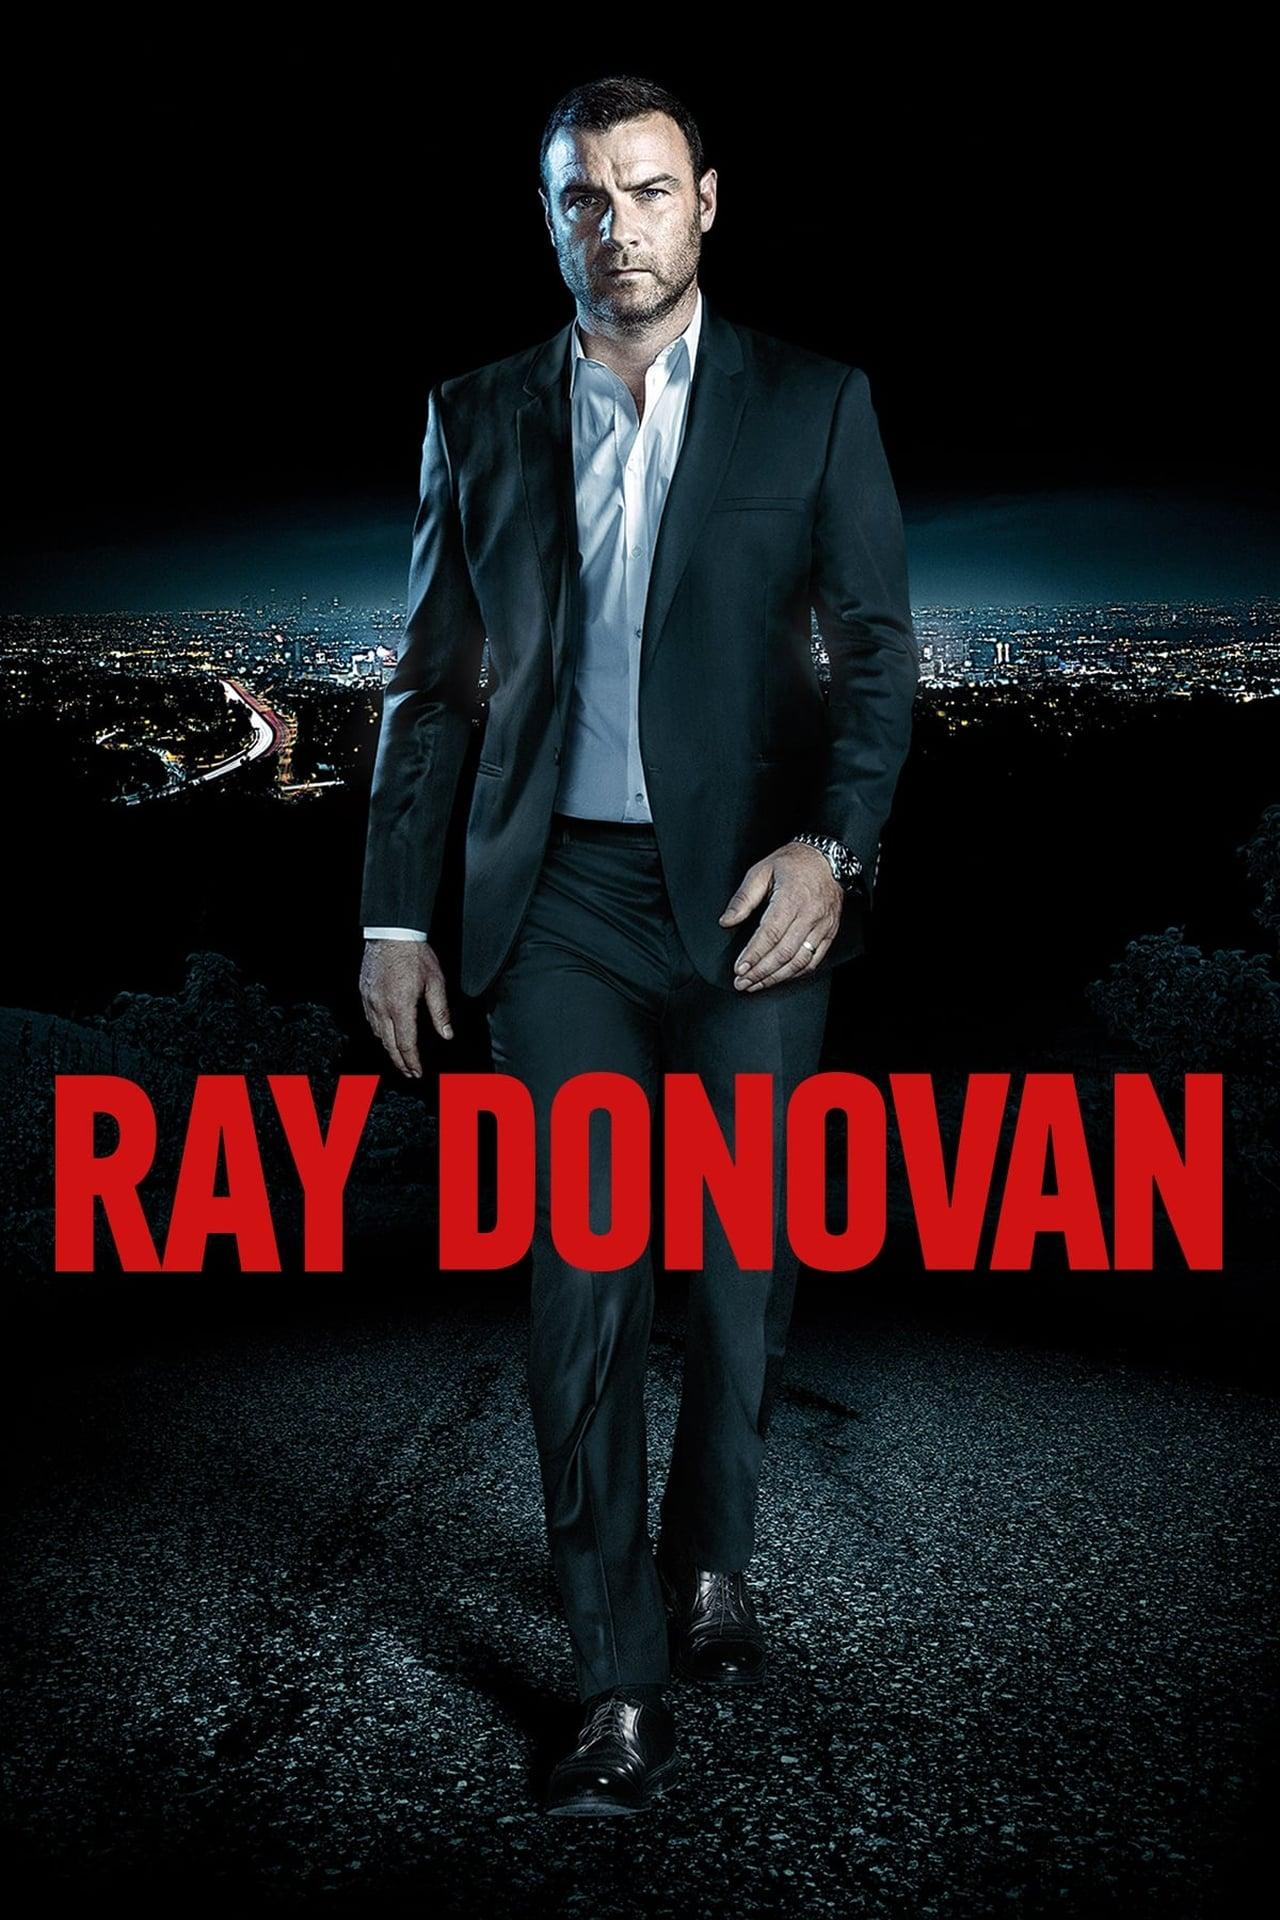 watch serie Ray Donovan Season 2 online free